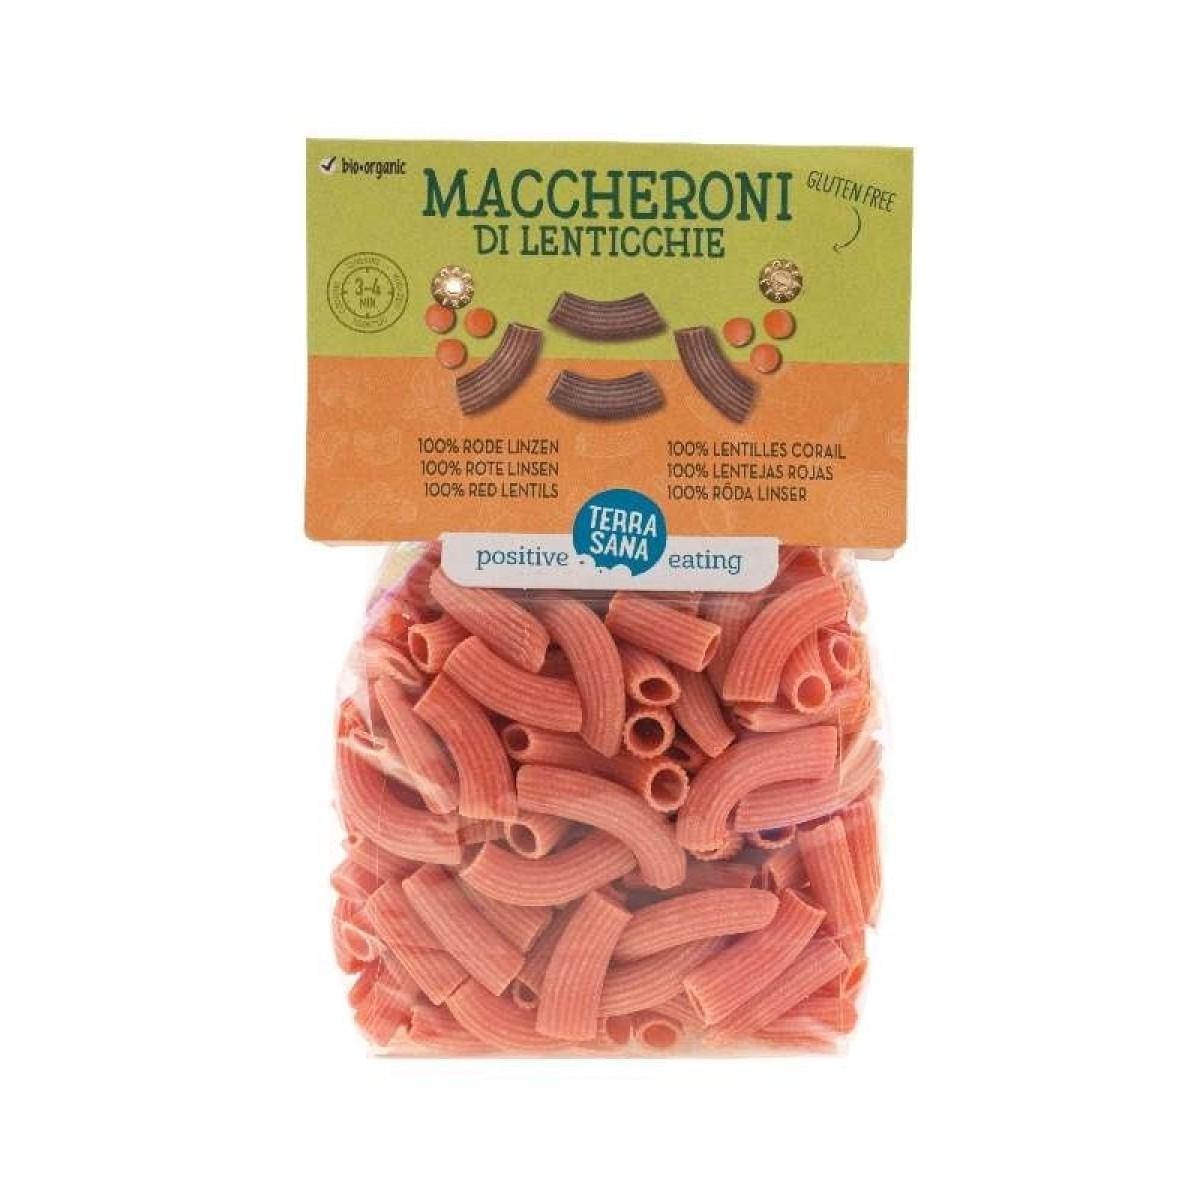 Maccheroni Di Lenticchie - 100% Rode Linzen